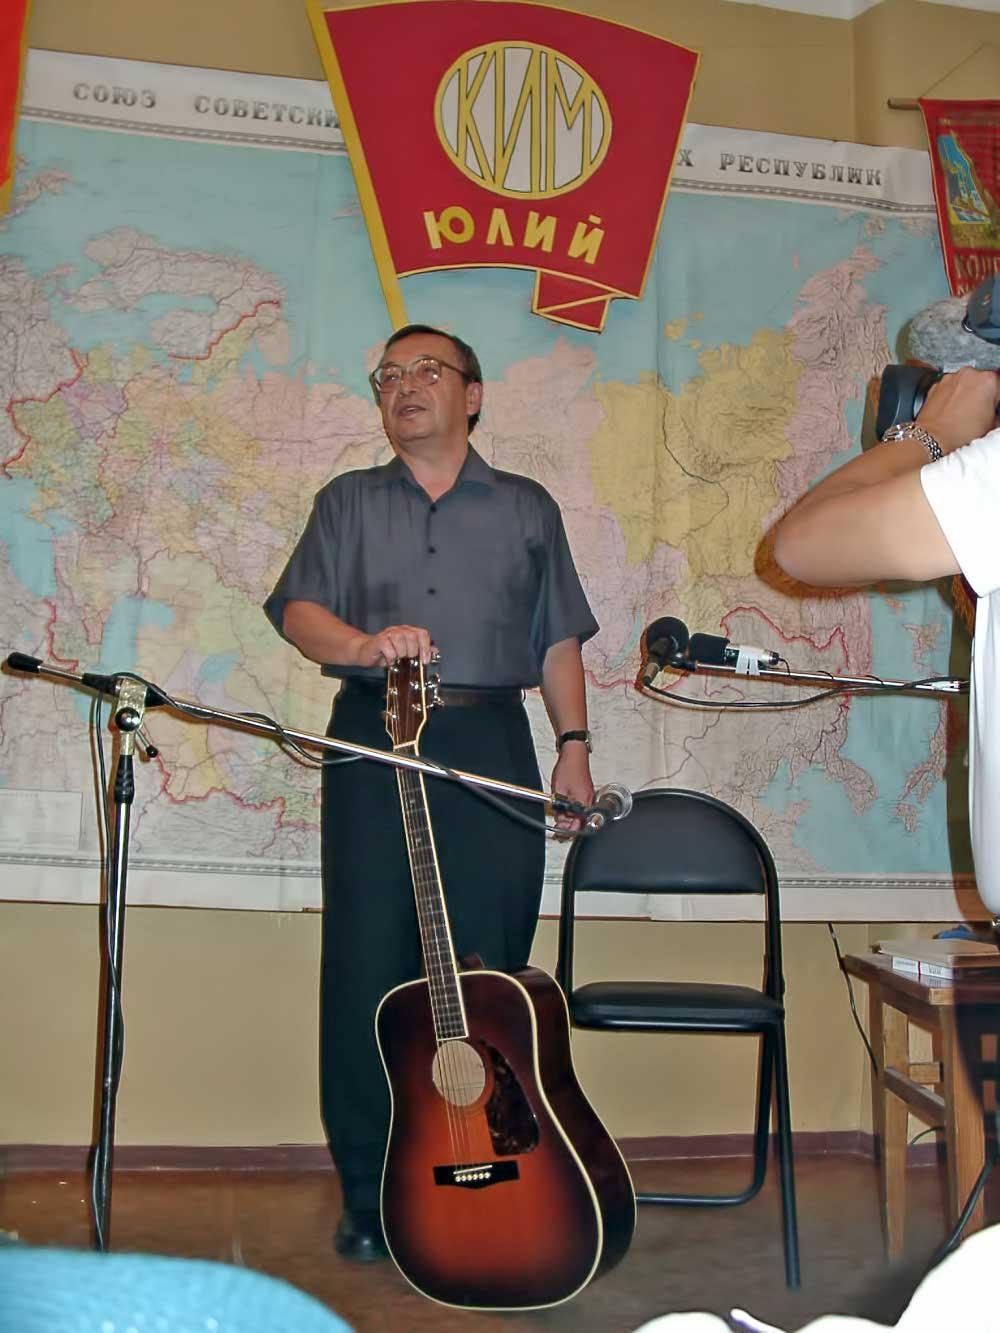 ru.wikipedia.org/wiki/Ким,_Юлий_Черсанович